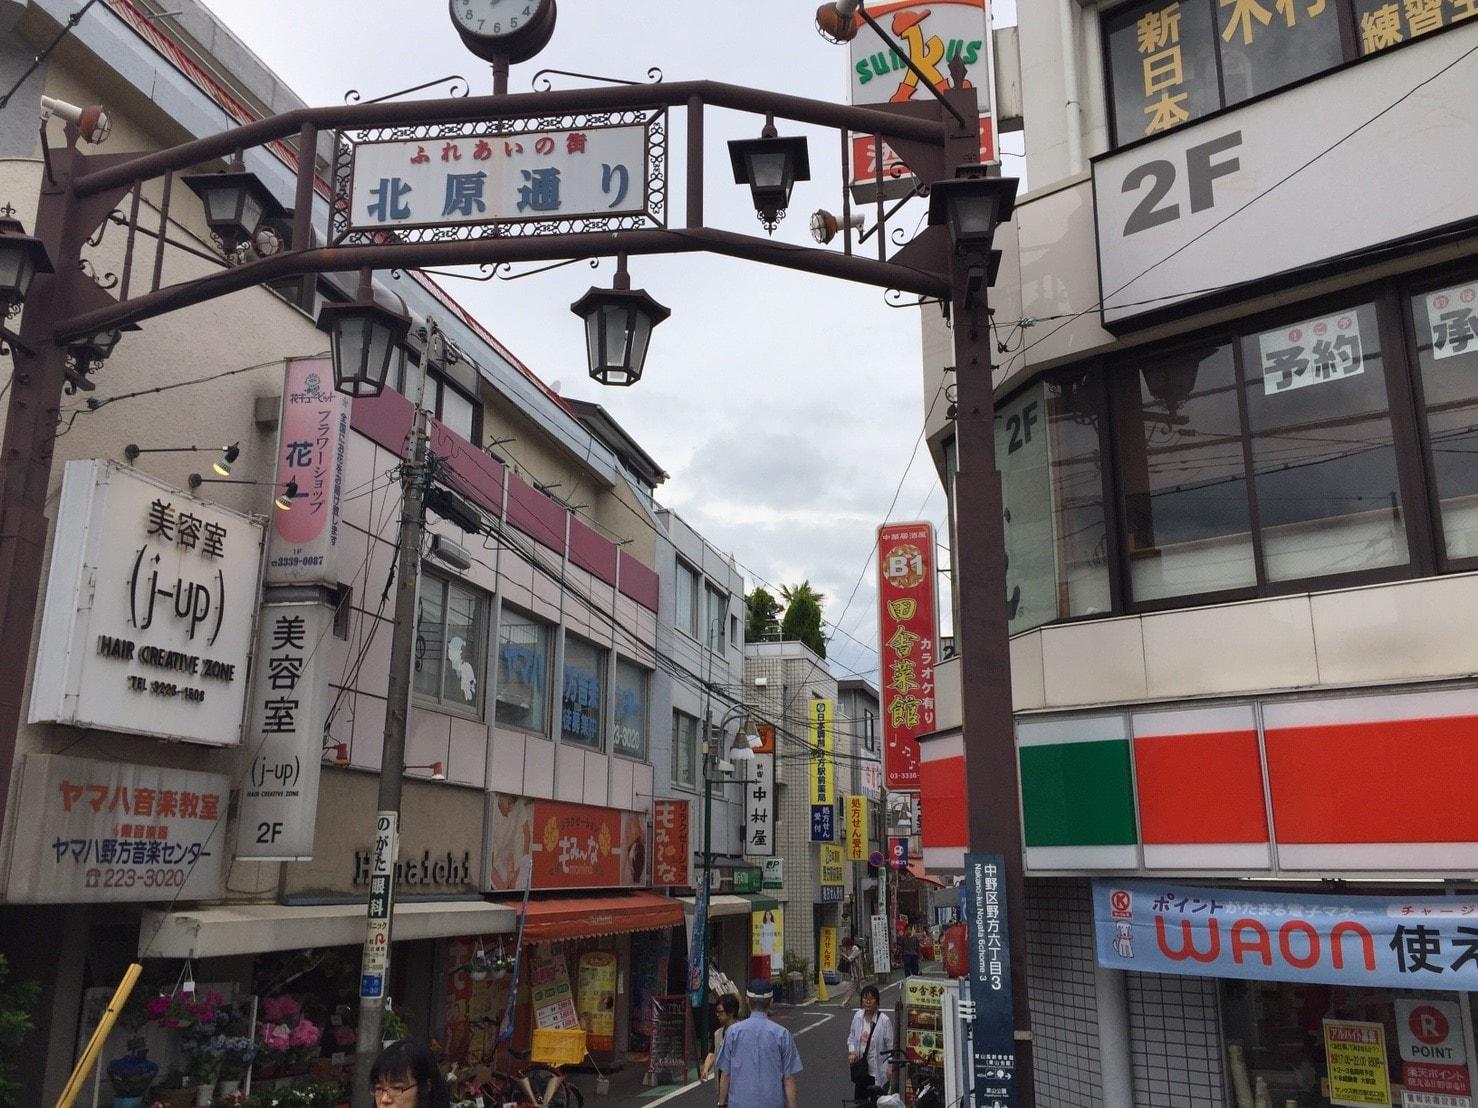 人通りが多い商店街の風景